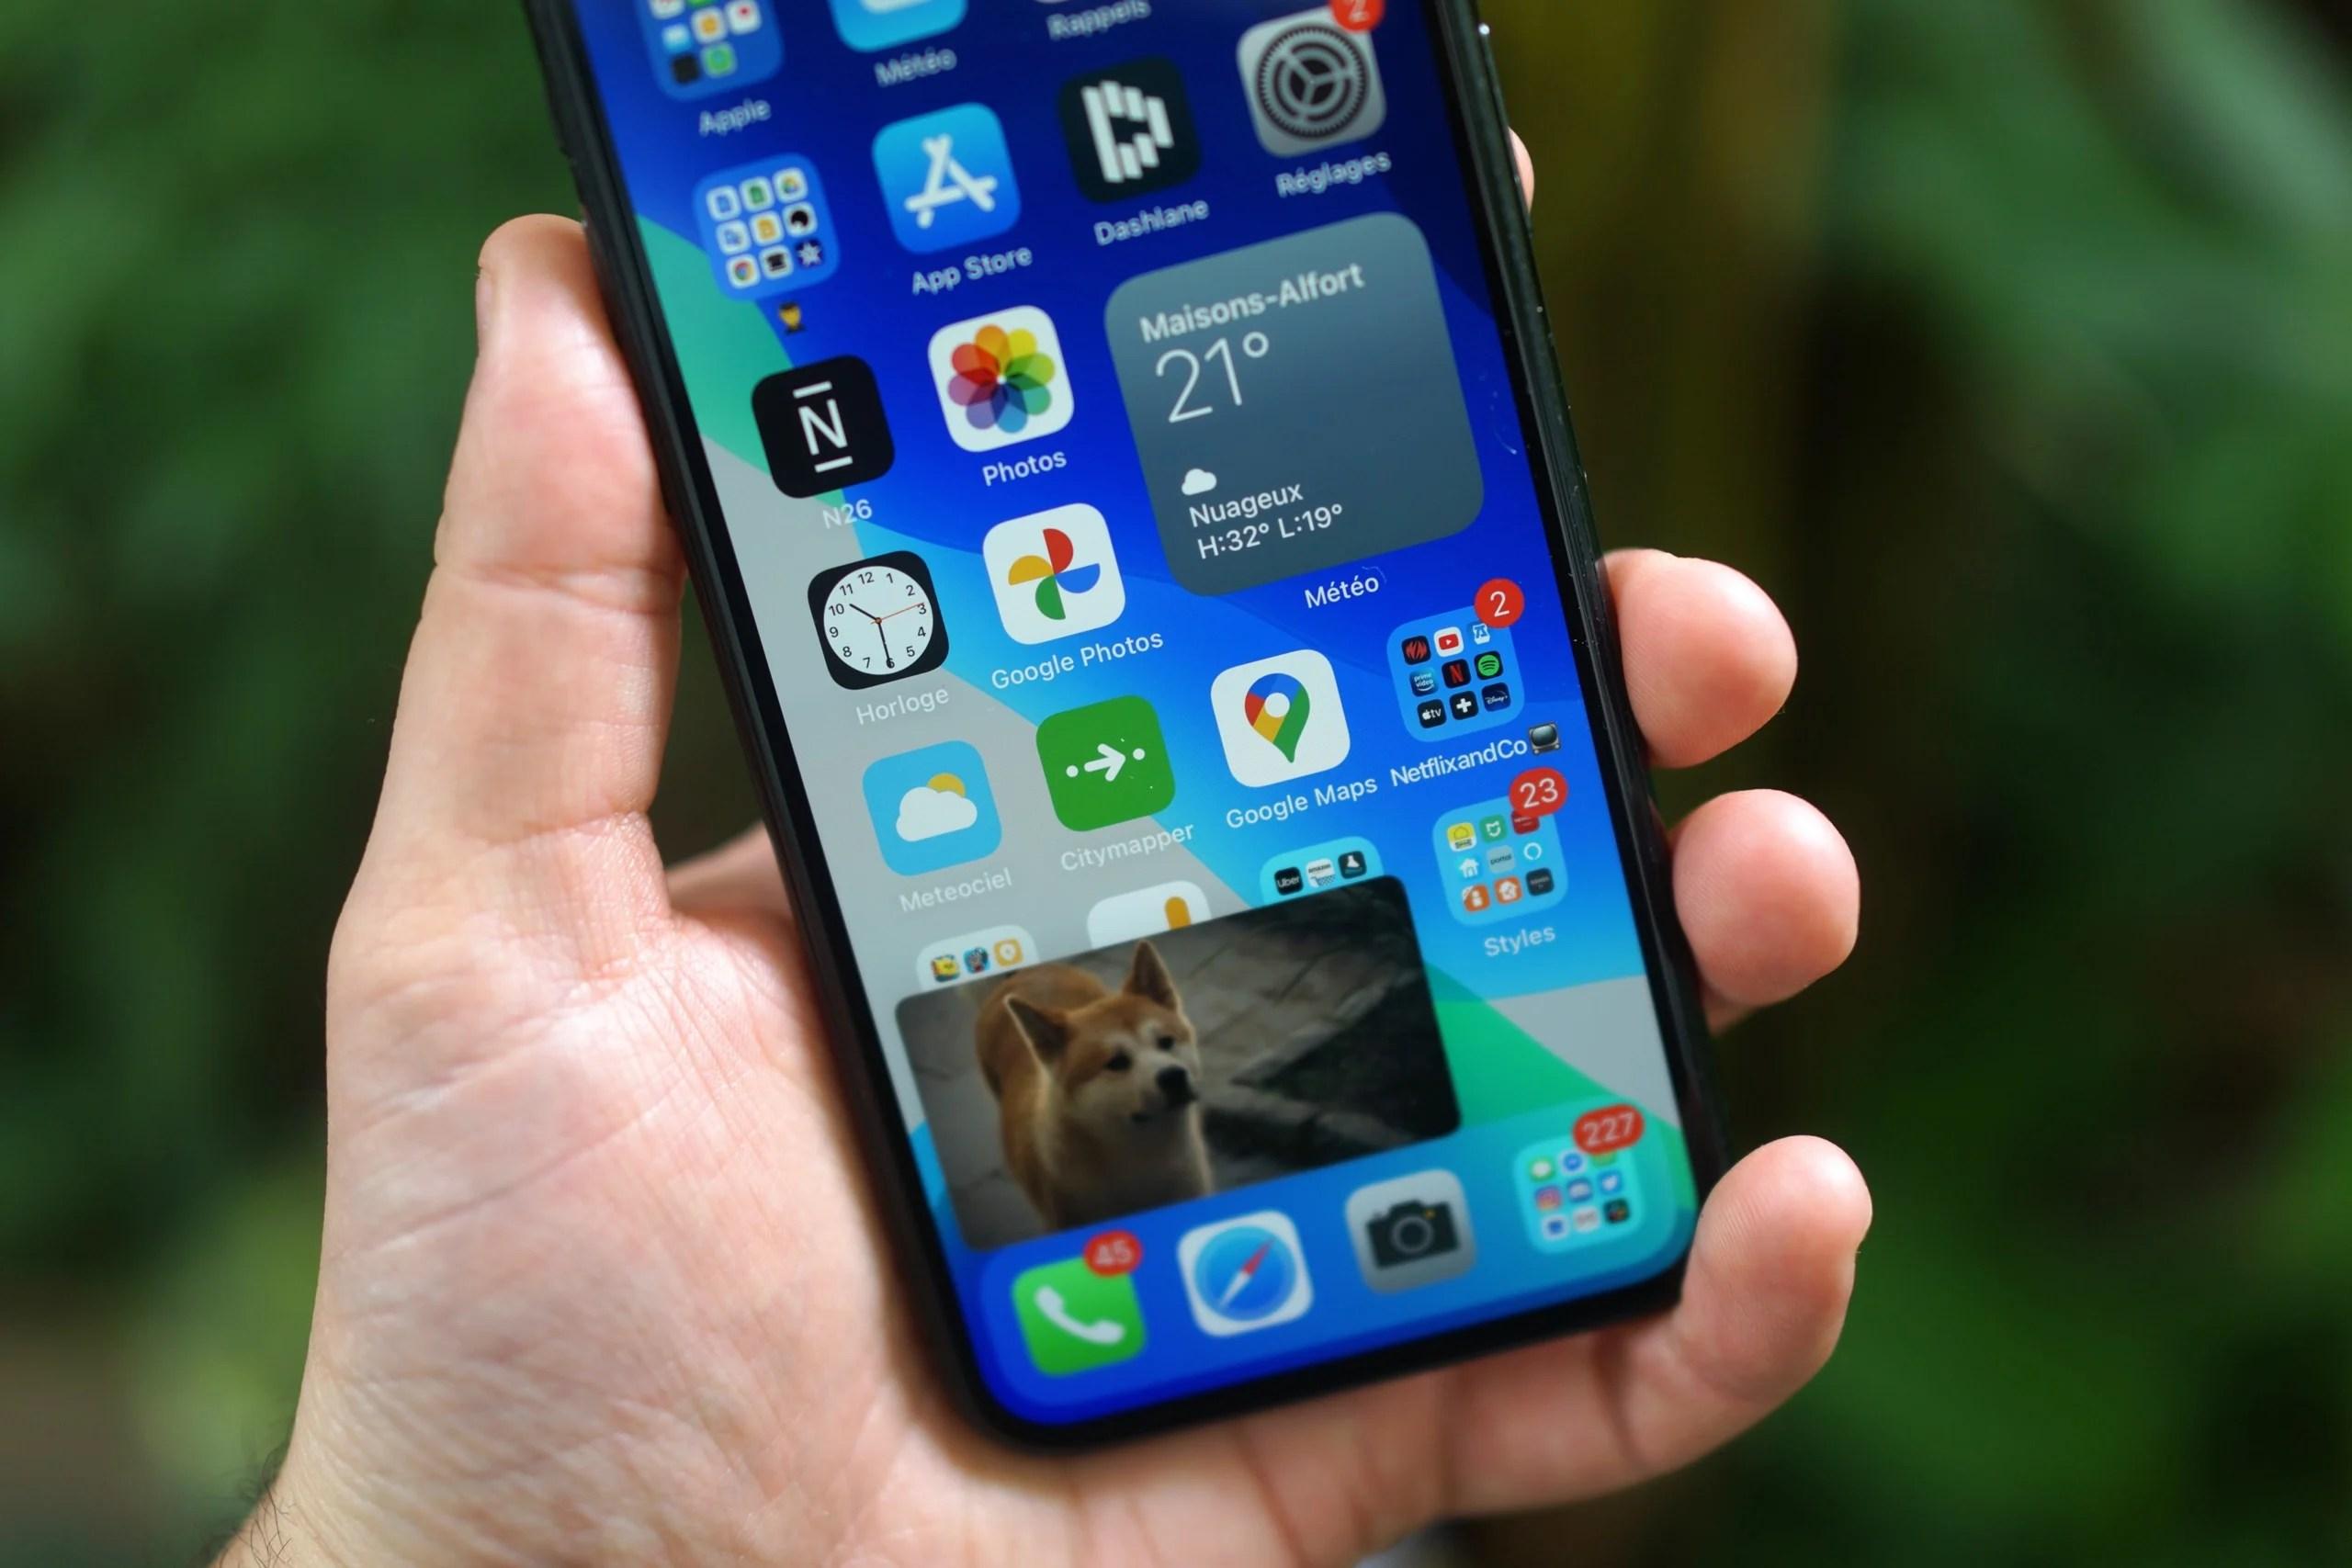 Nous avons installé la bêta d'iOS 14 sur iPhone, découvrez les principales nouveautés